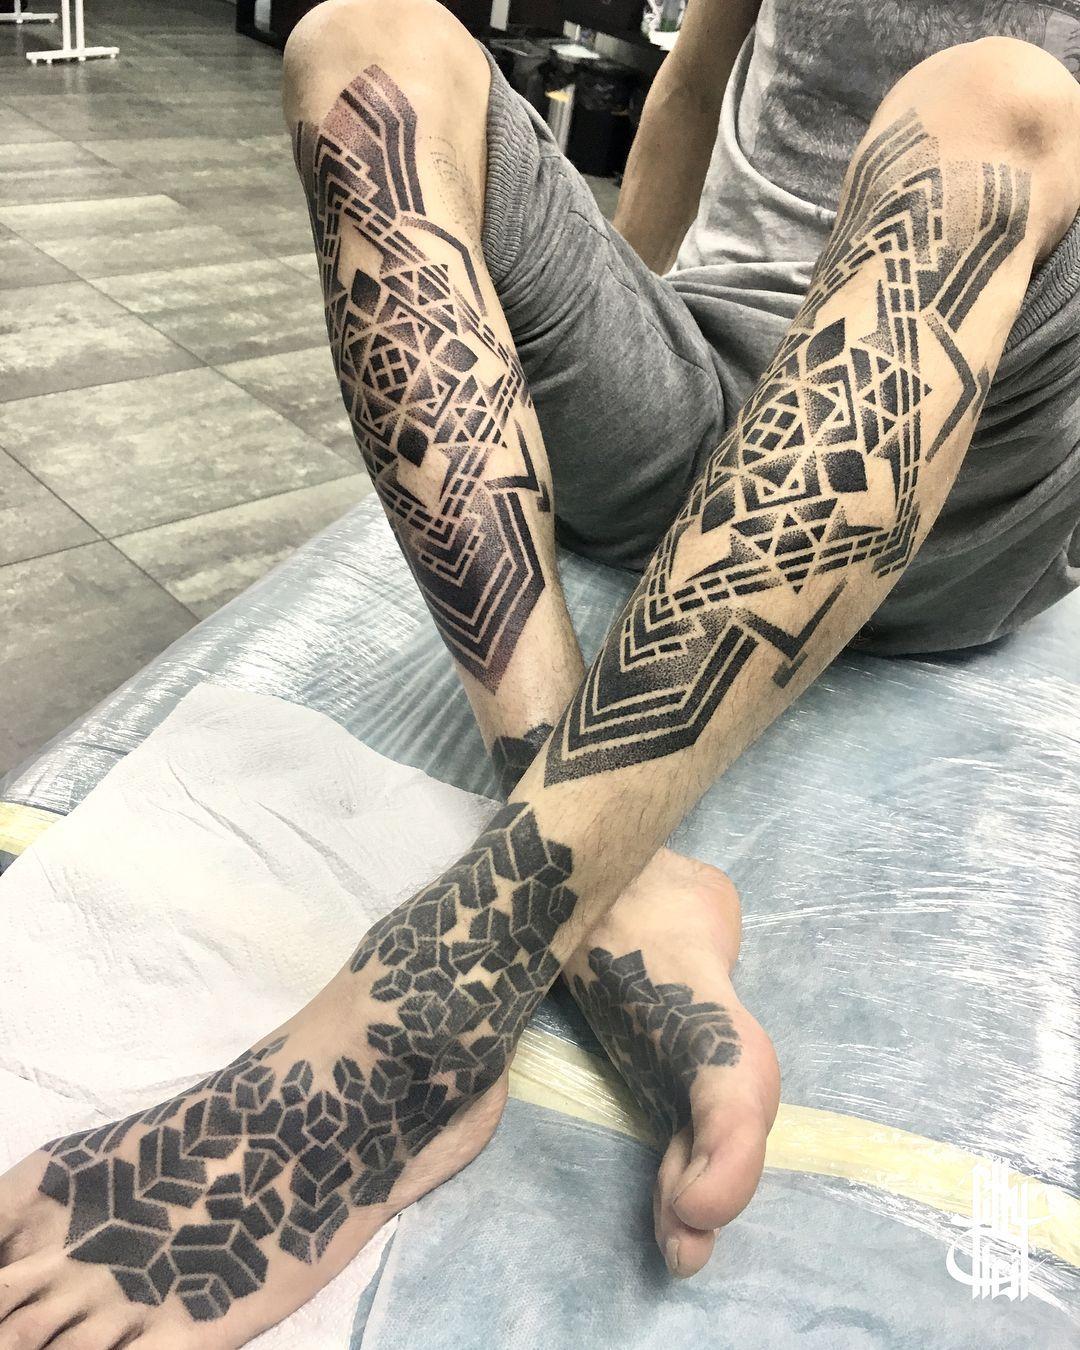 Tattoo Artist Billy Heil Black Ornamental Dotwork Tattoo Minsk